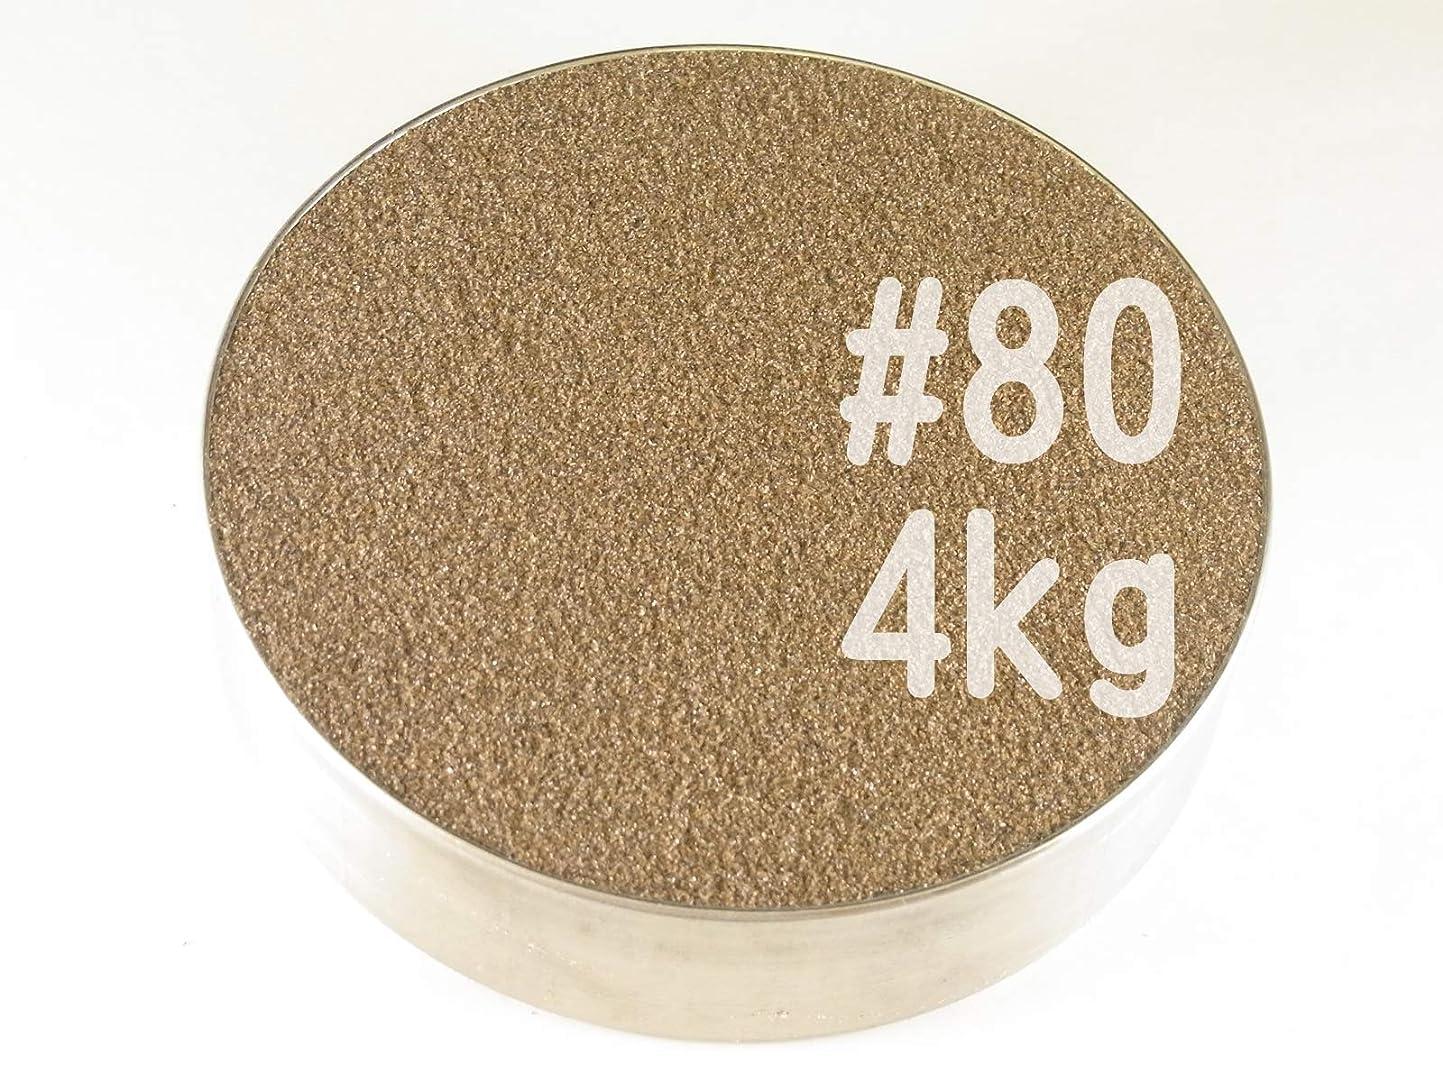 ムスタチオ小人成熟した#80 (4kg) アルミナサンド/アルミナメディア/砂/褐色アルミナ サンドブラスト用(番手サイズは7種類から #40#60#80#100#120#180#220 )